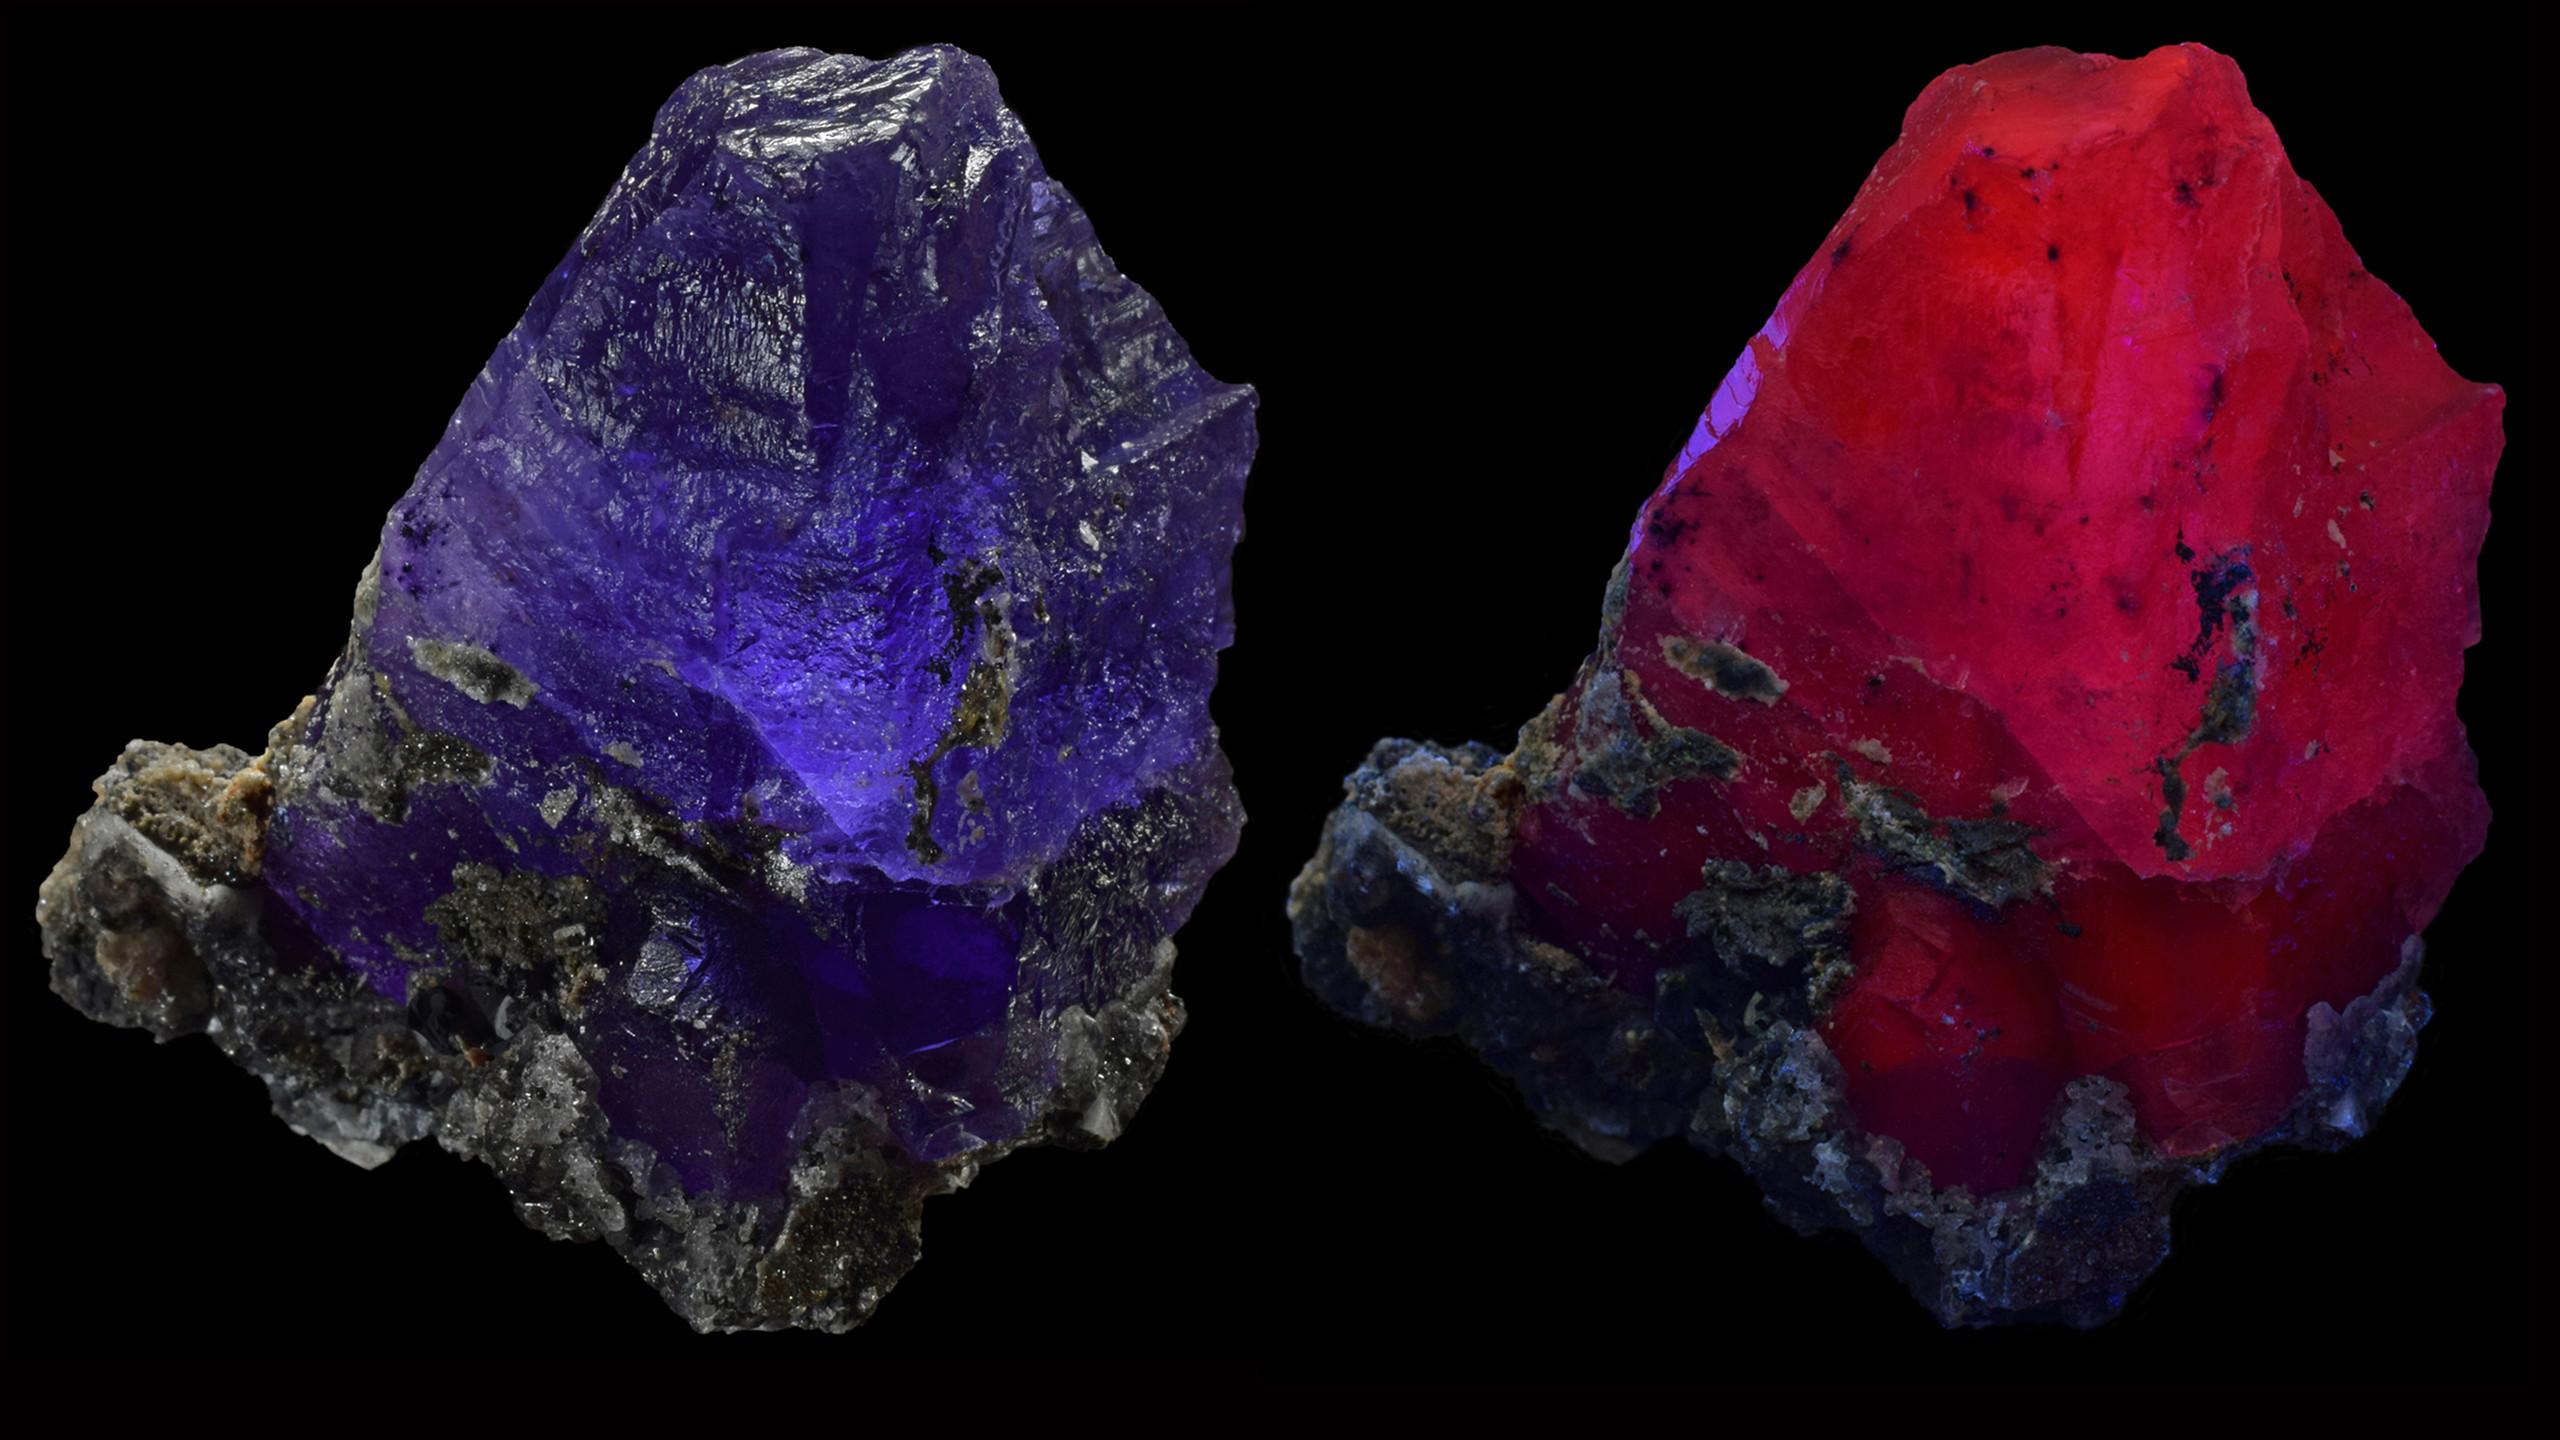 Red Fluorescent Fluorite